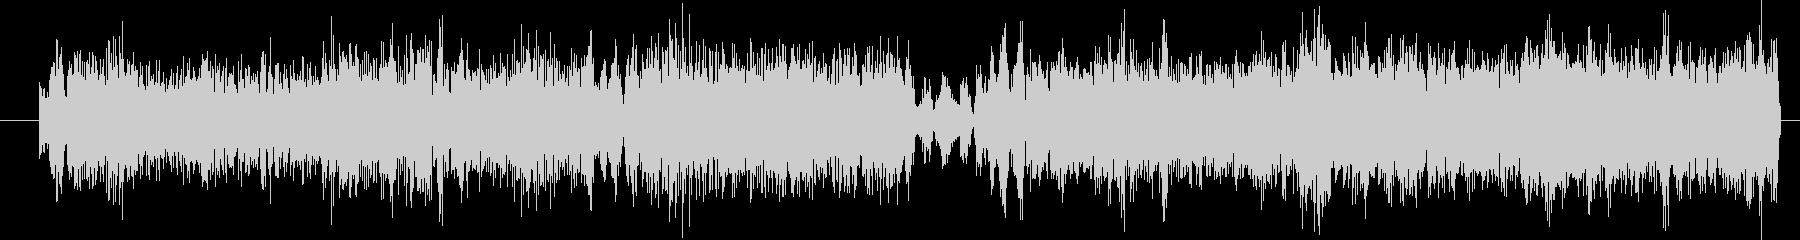 モンスター グリッチグロール03の未再生の波形